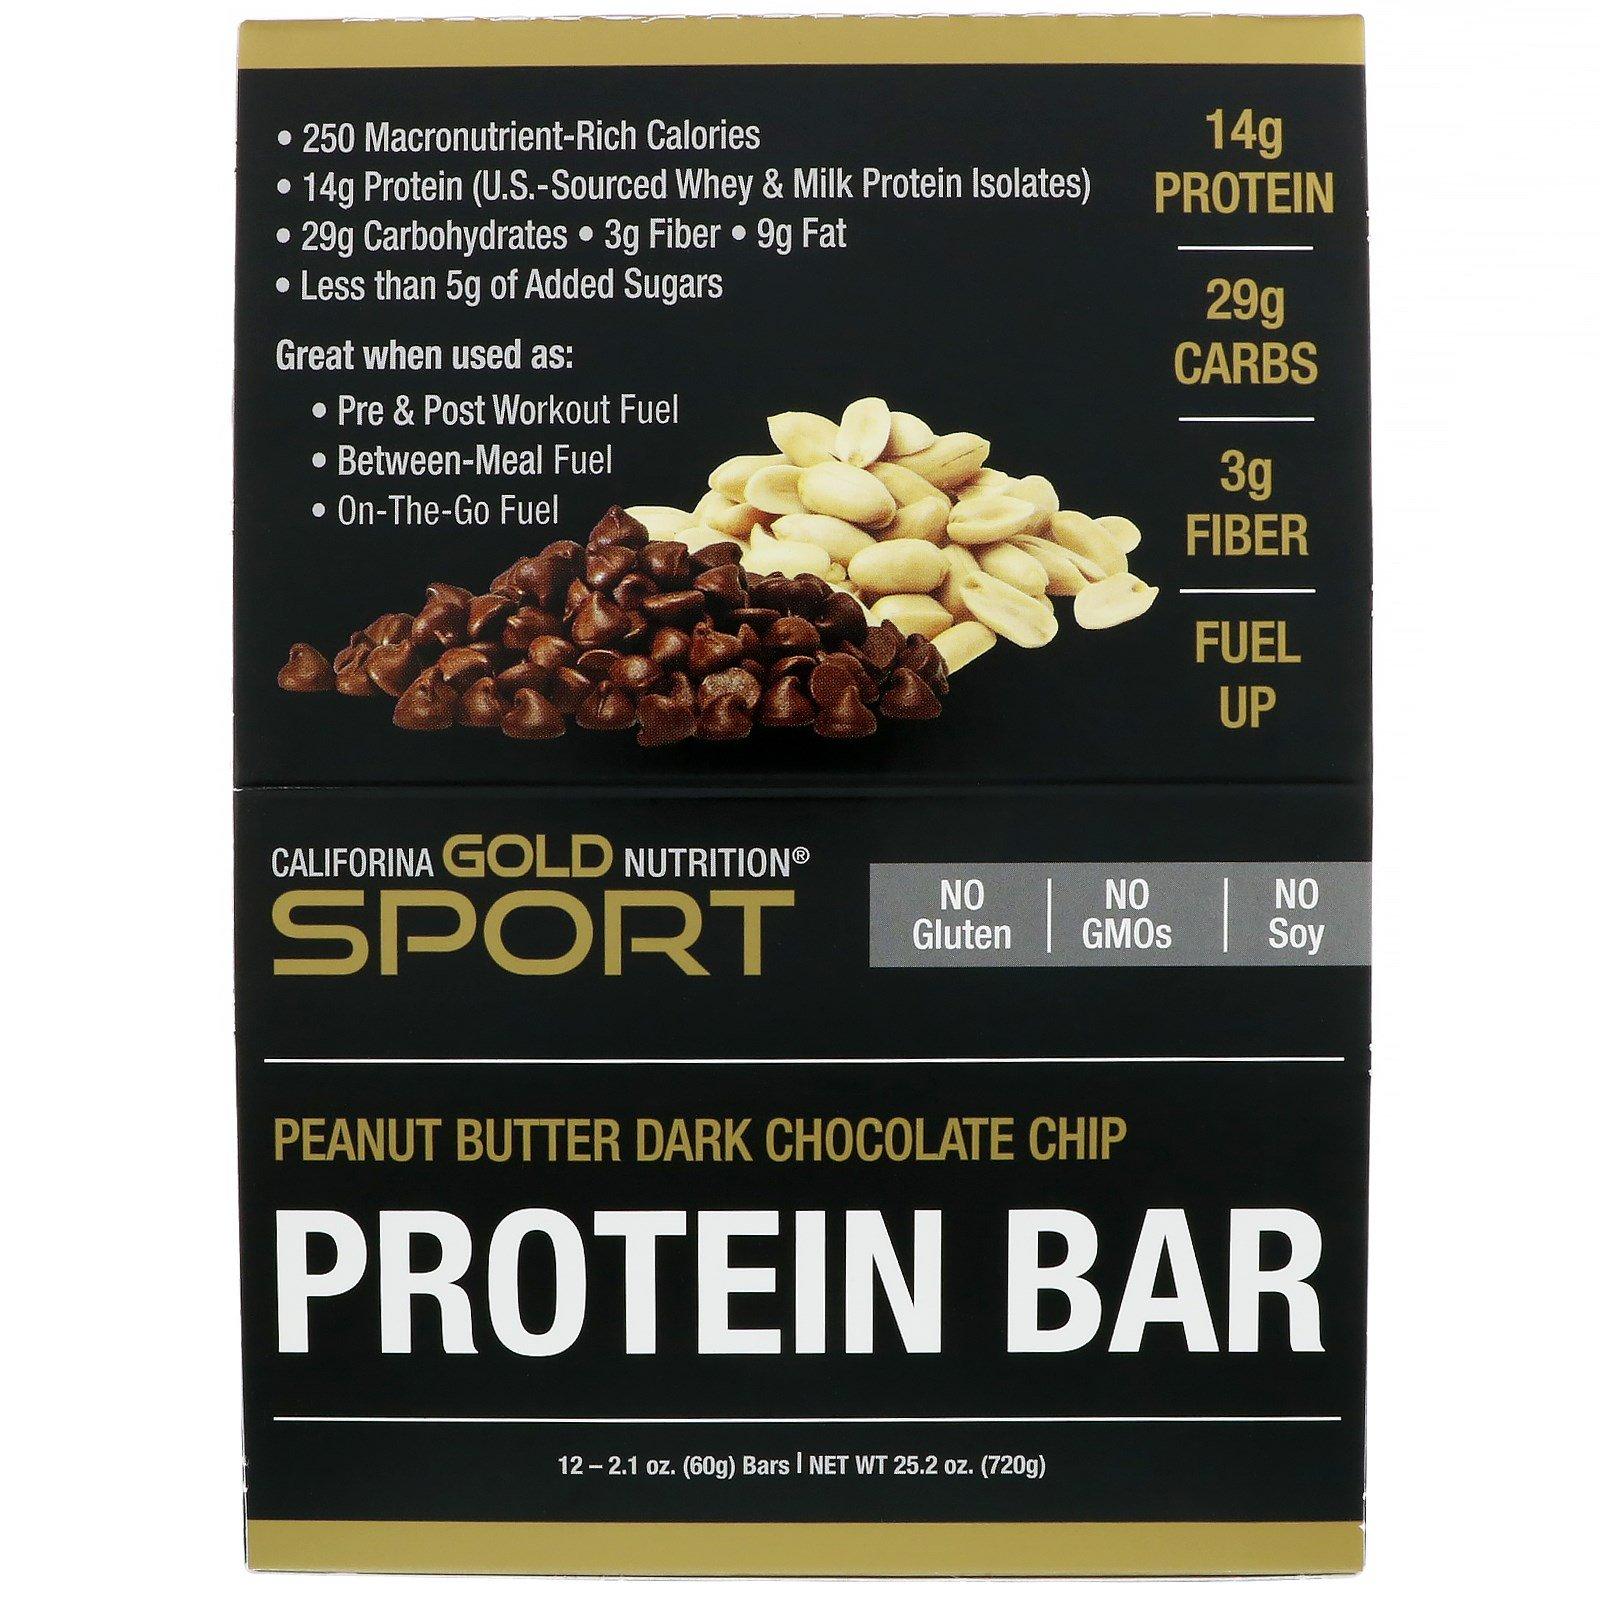 California Gold Nutrition, Протеиновые батончики, арахисовая паста и шоколадная крошка, без глютена, 12 батончиков, 2,1 унции (60 г) каждый